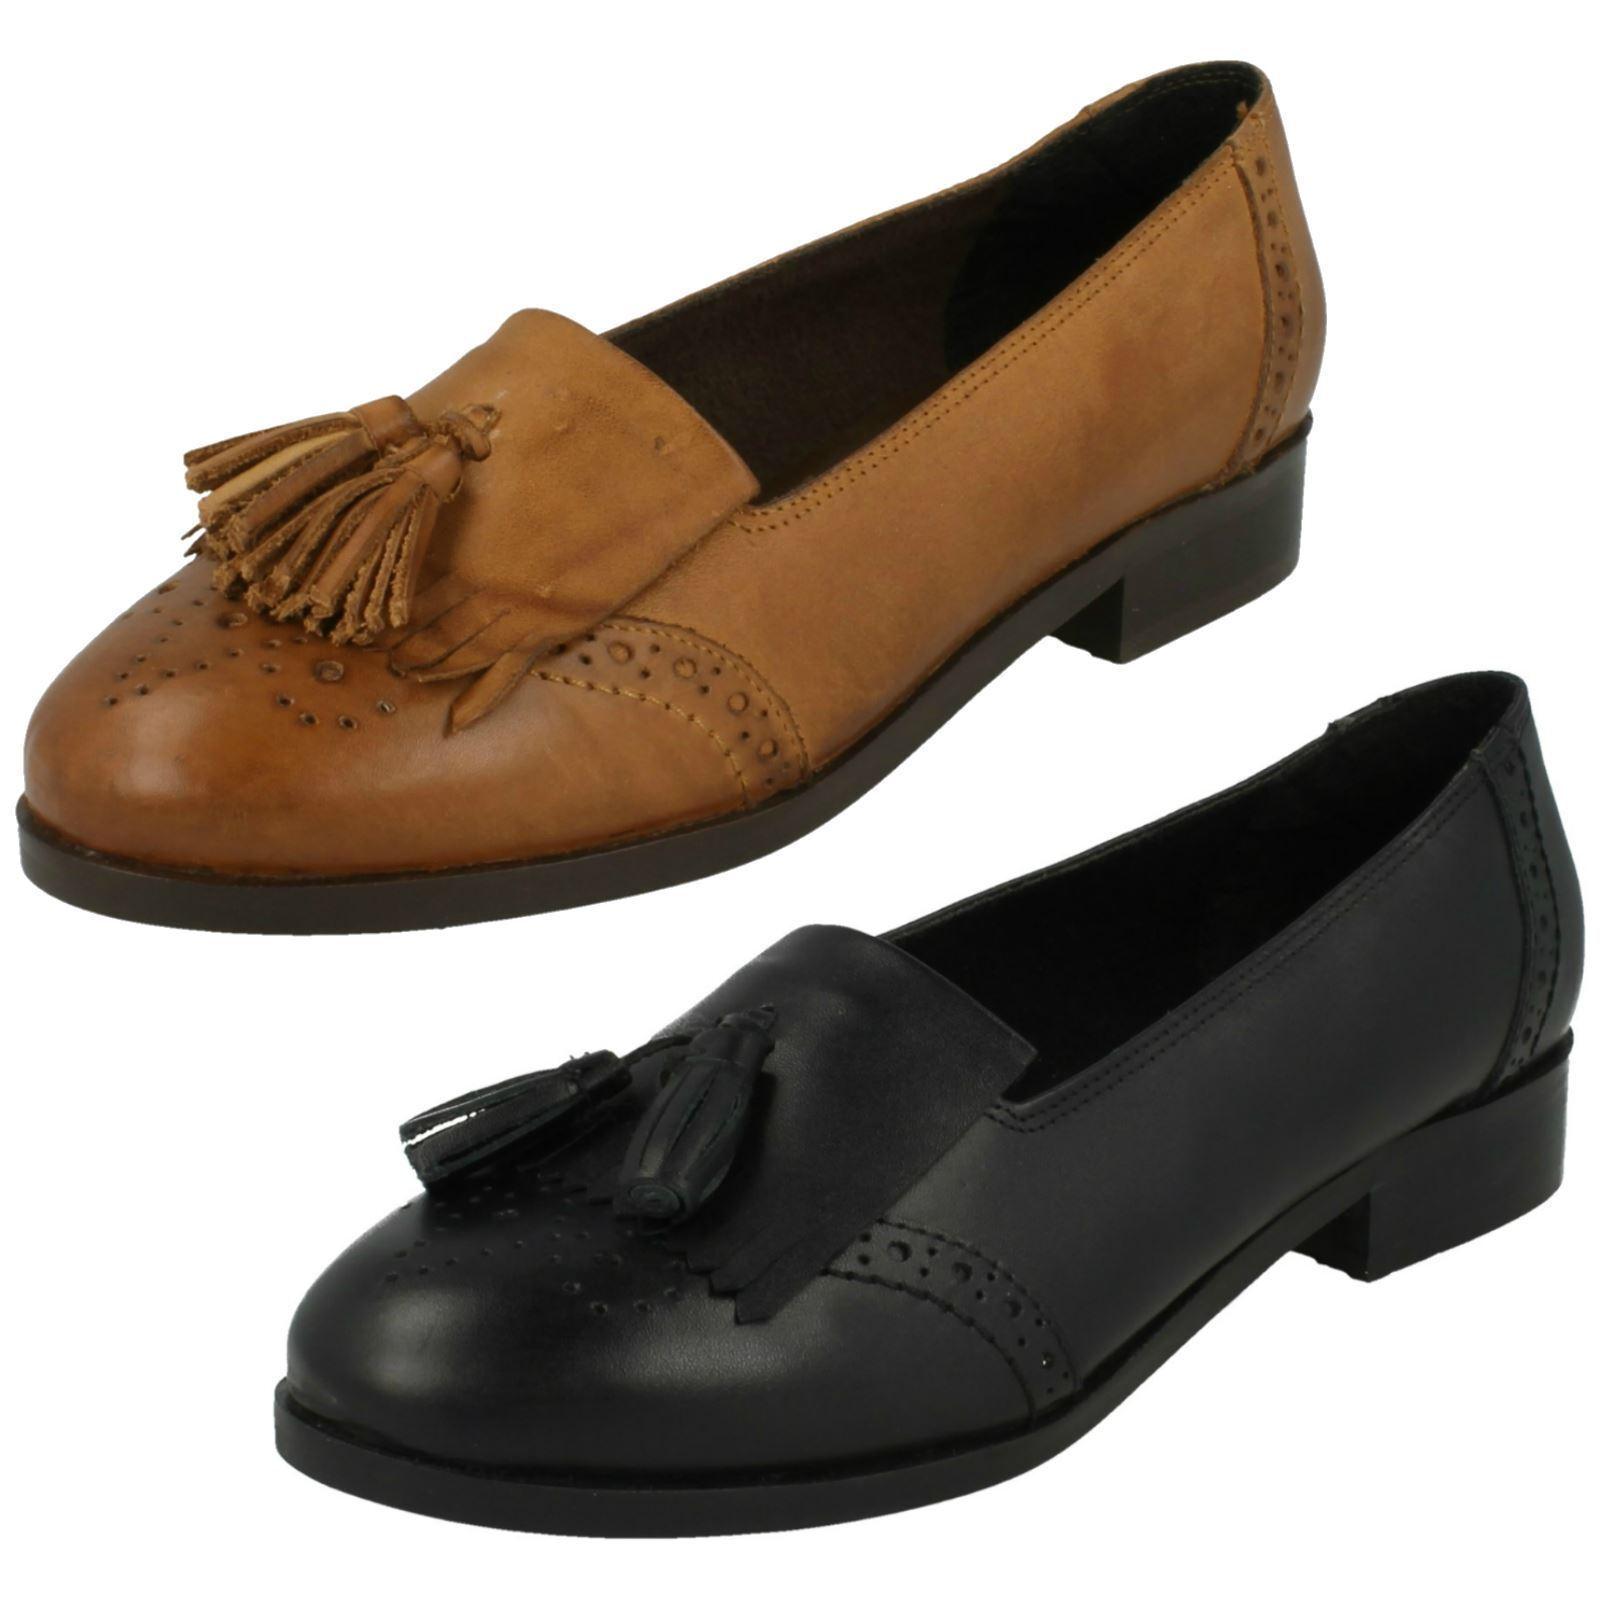 Moda barata y hermosa Descuento por tiempo limitado f80181- Leather Collection Para Mujer Sin Cordones Mocasín 2 colores- Gran